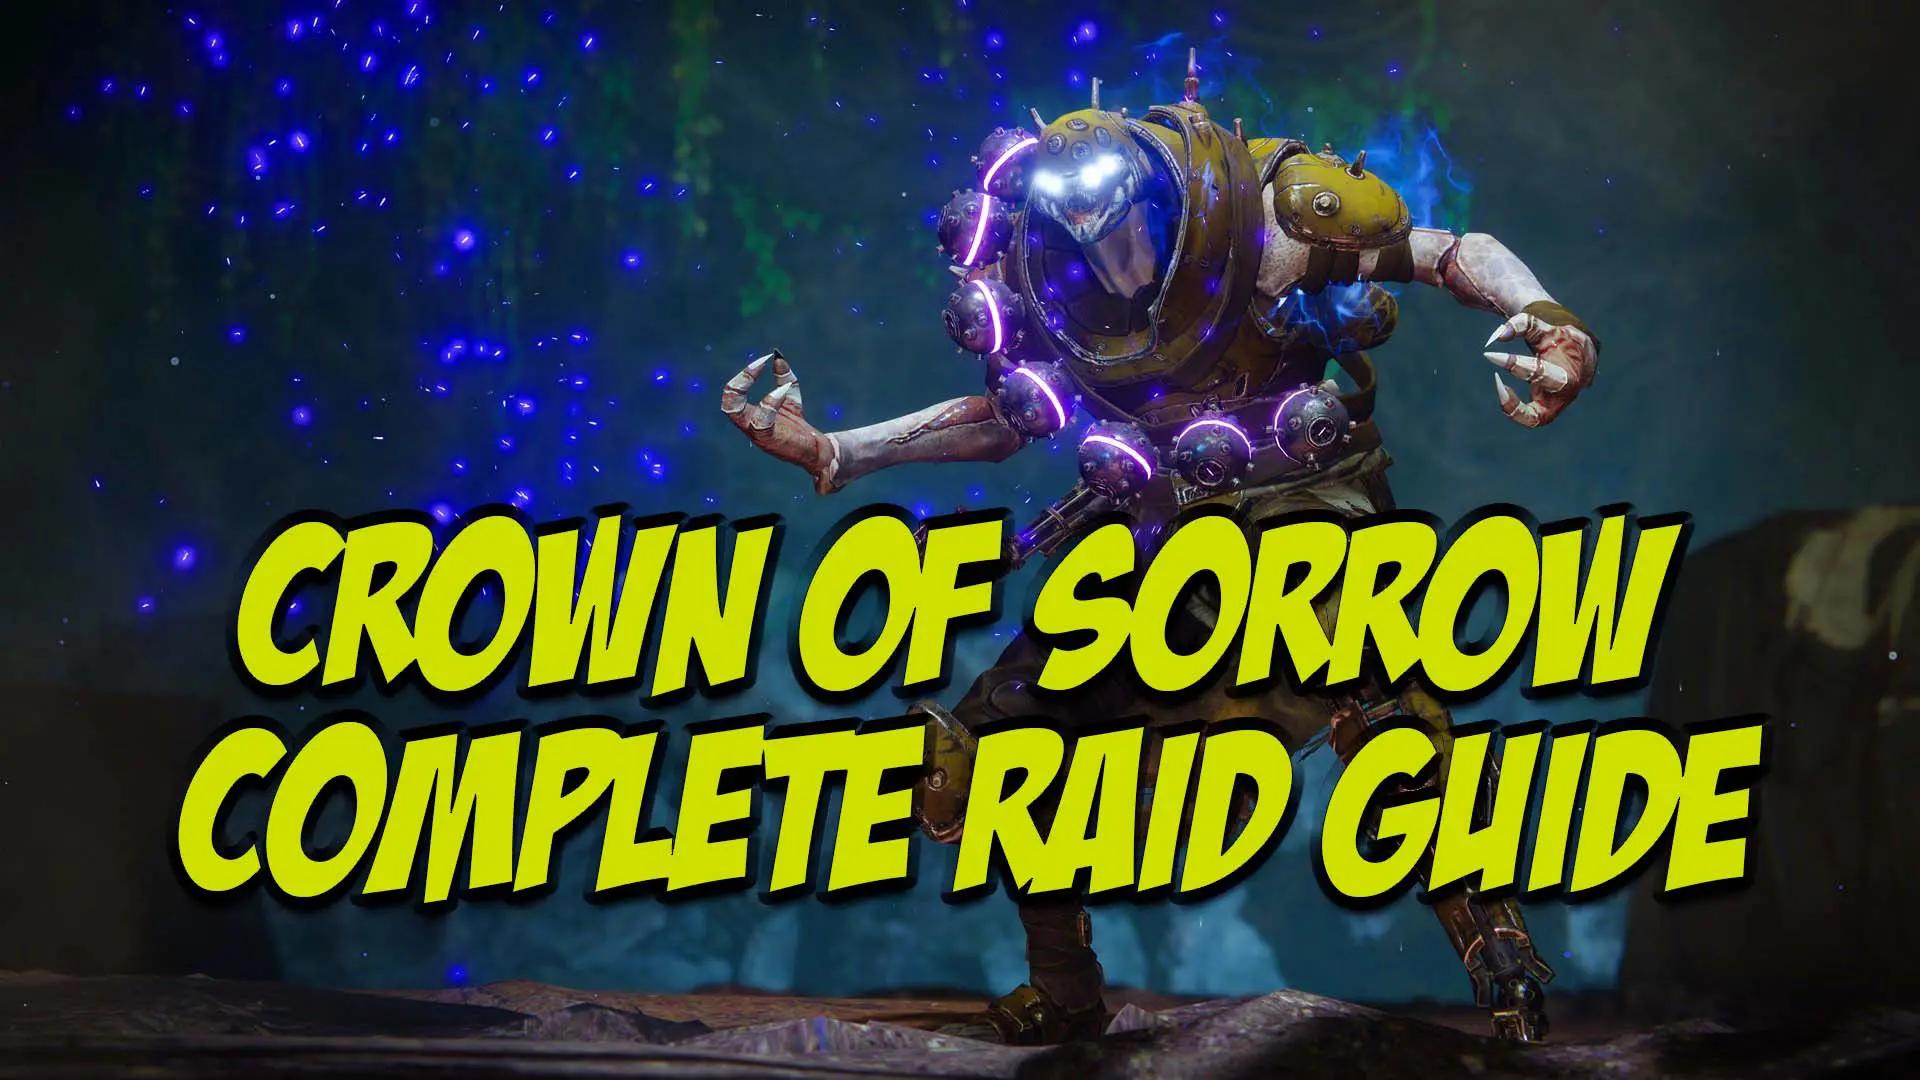 Crown of Sorrow Raid Guide